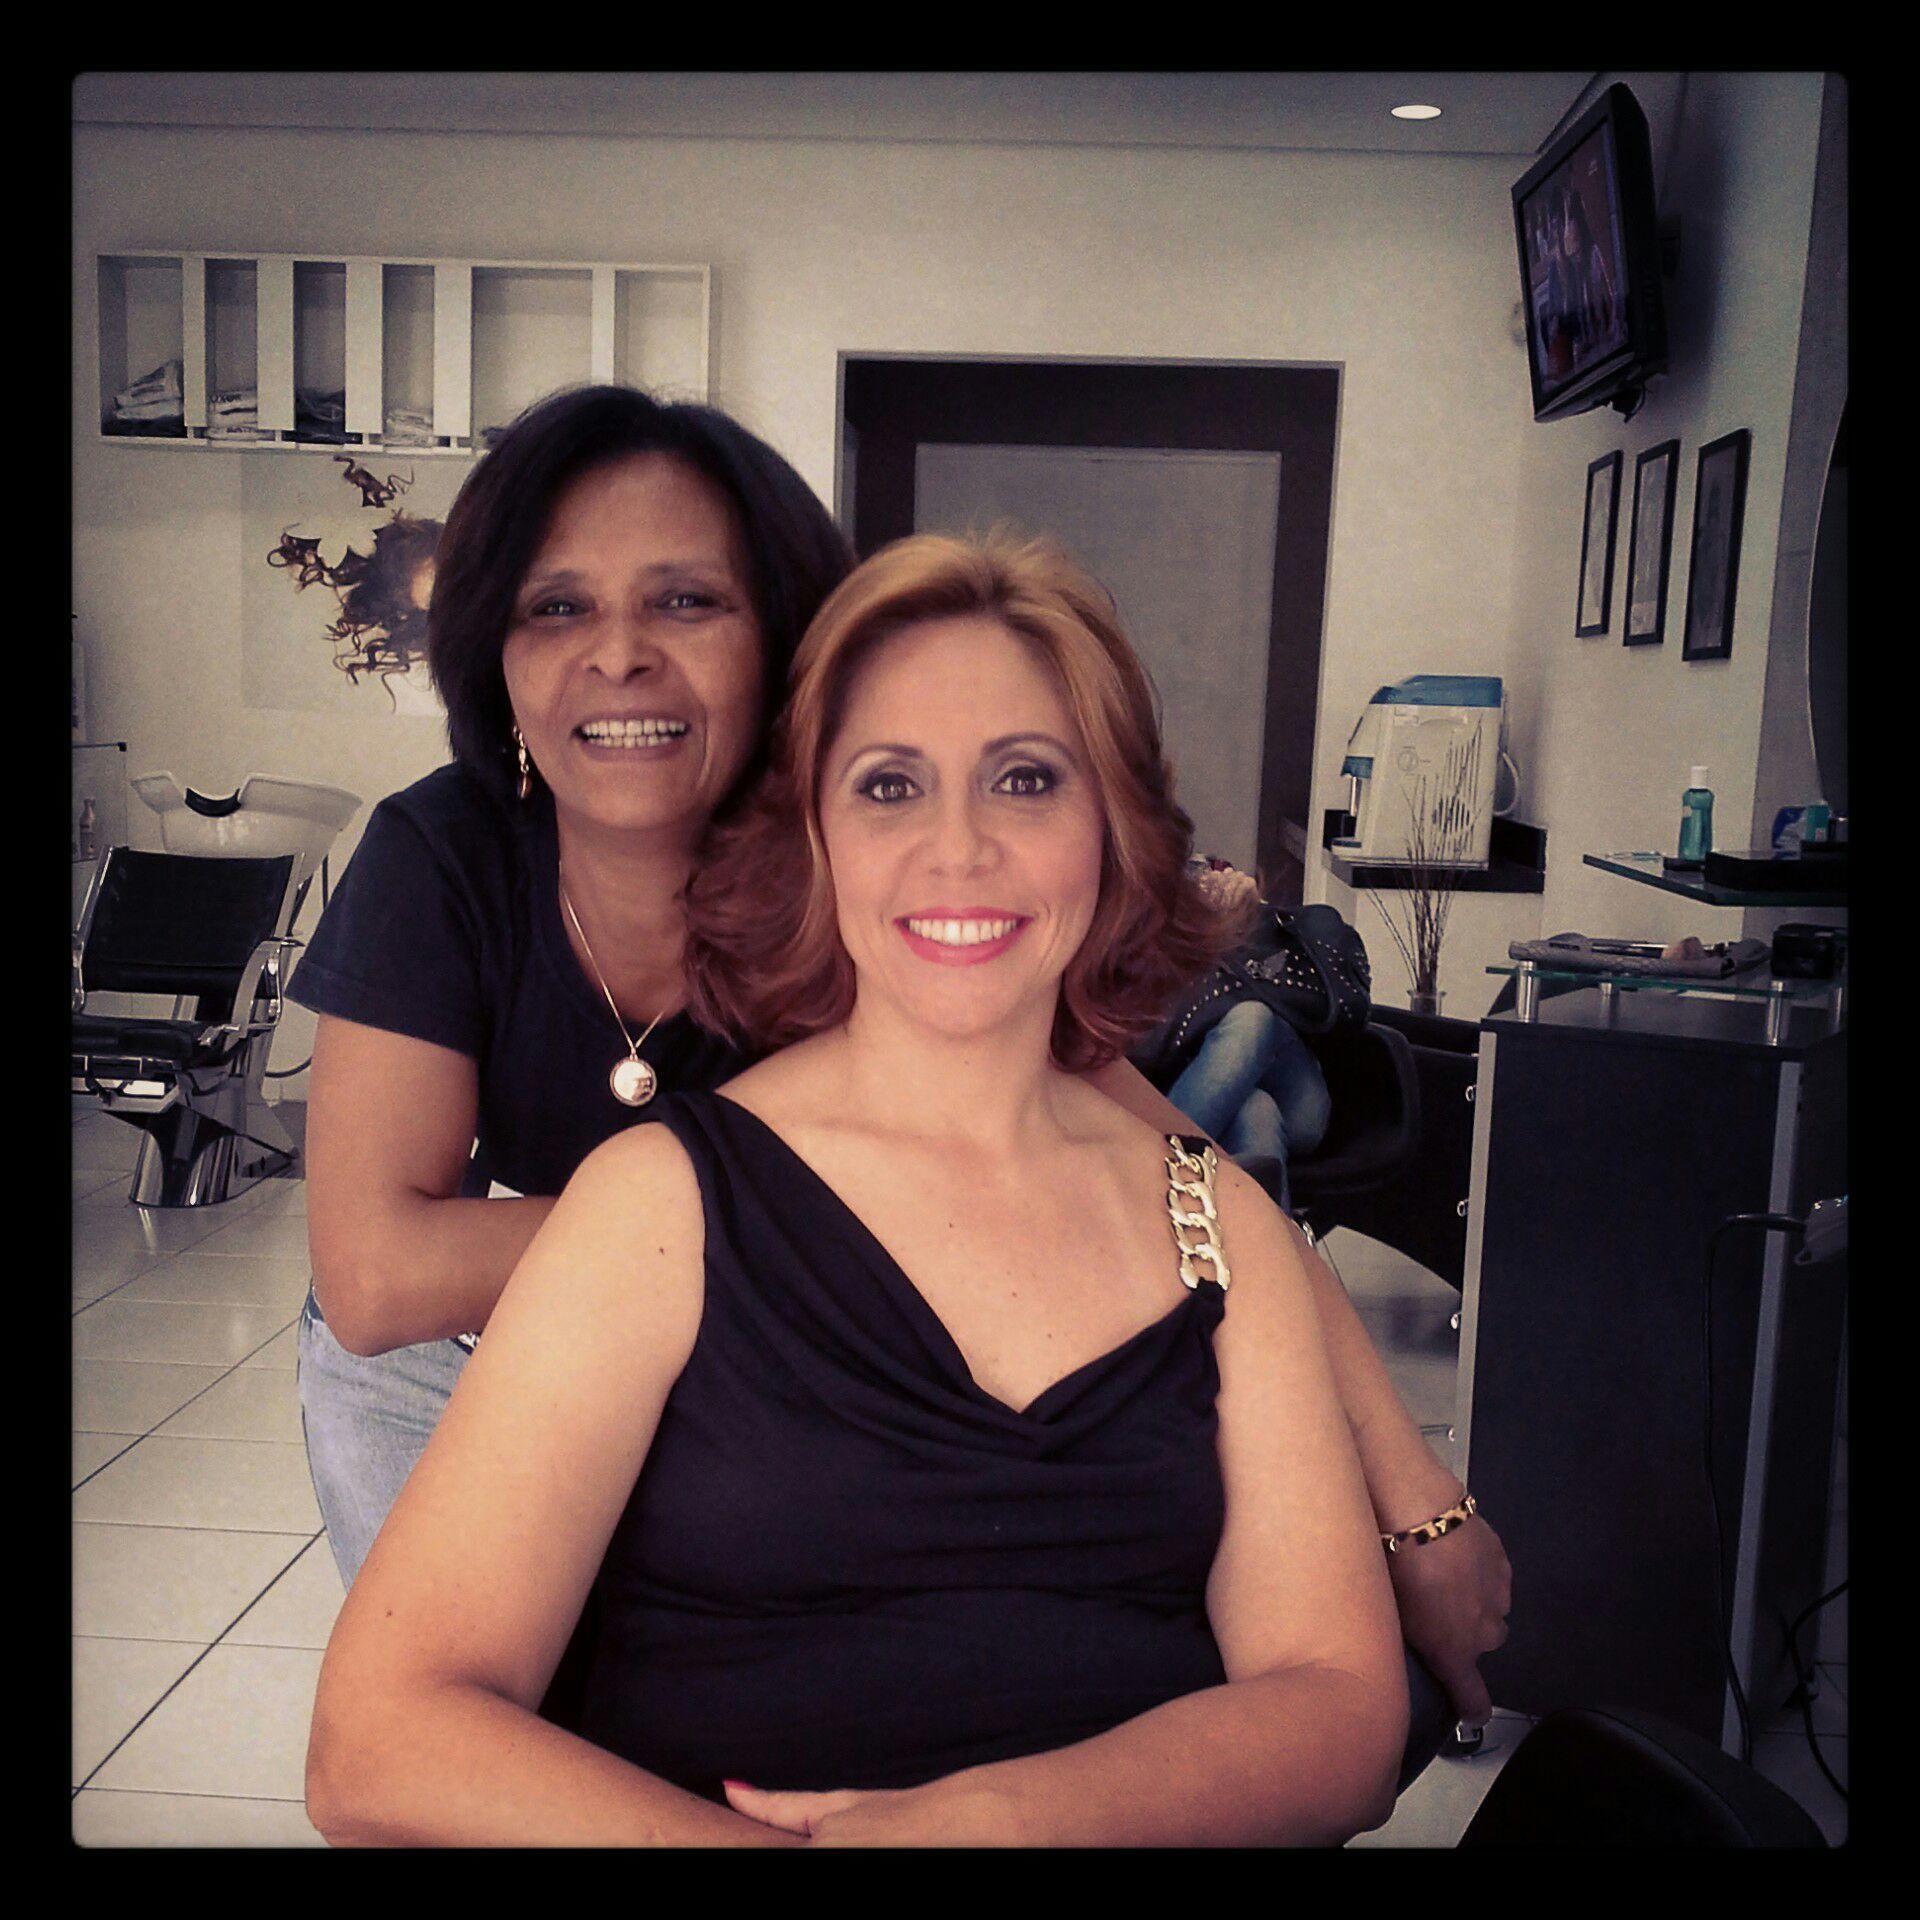 Escova  e maquiagem Veravisagista  , cabelereira cabelo stylist / visagista cabeleireiro(a)